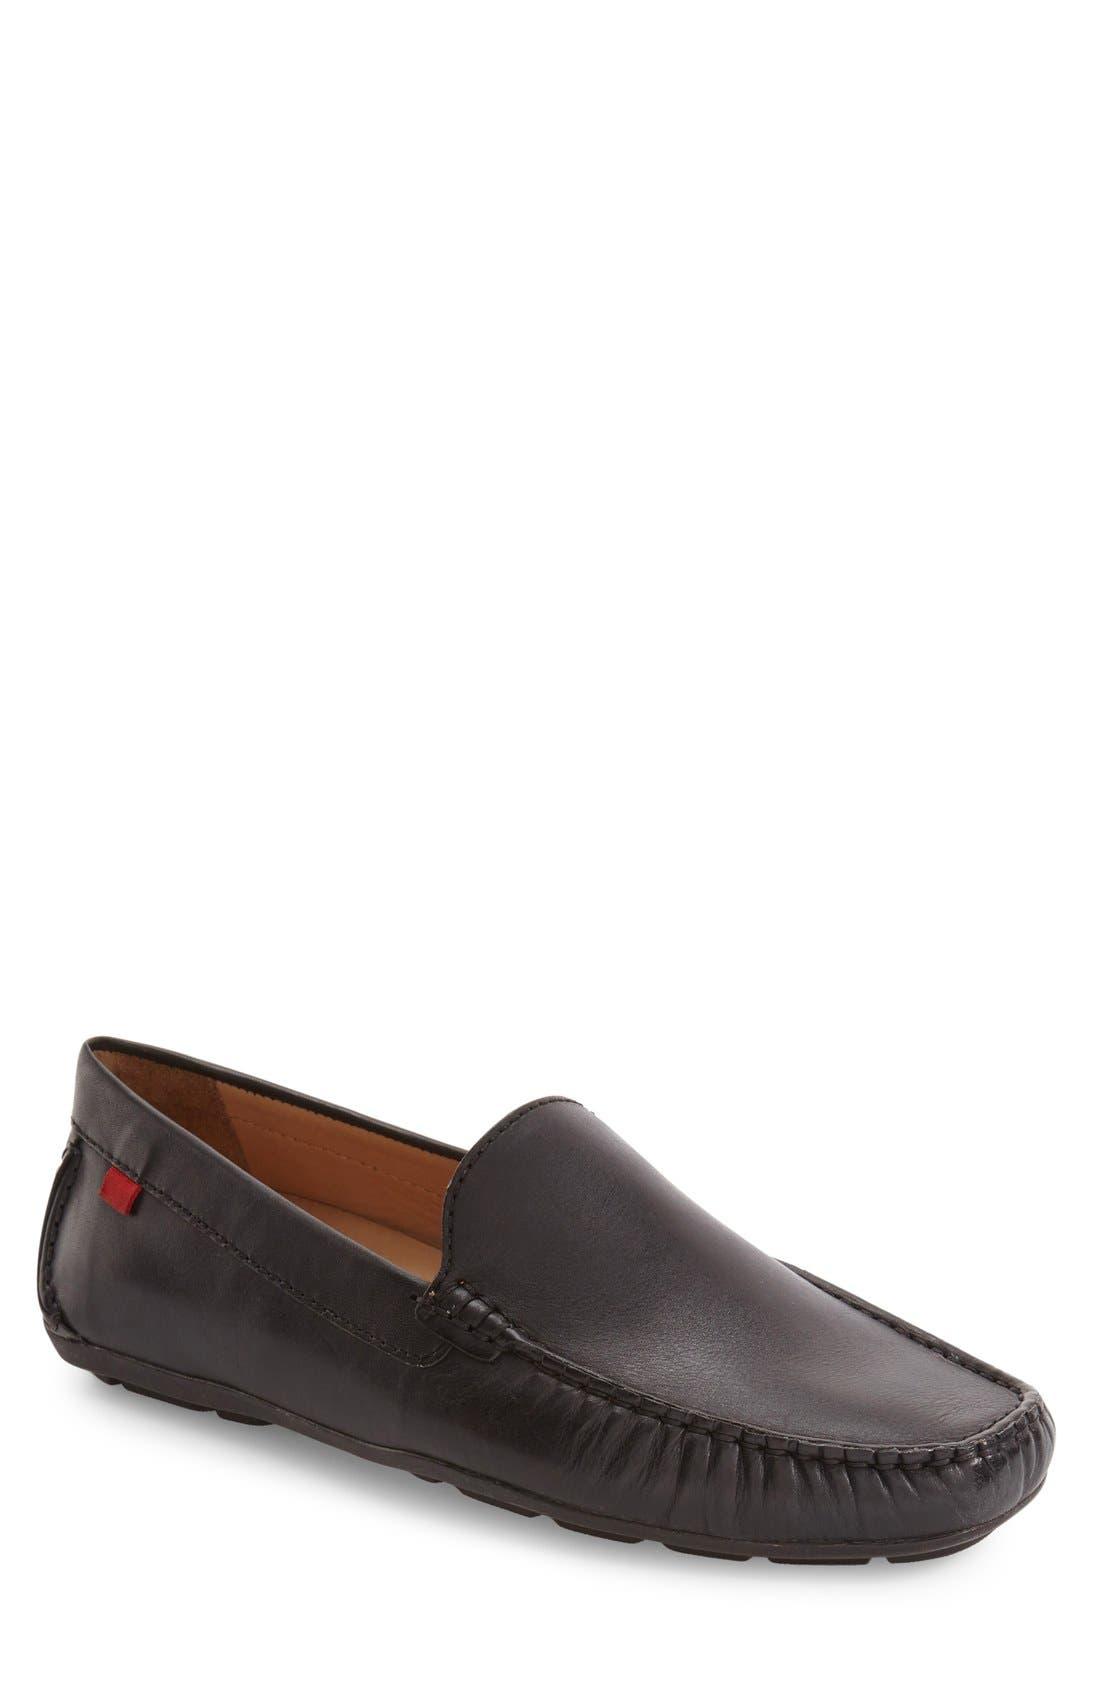 Alternate Image 1 Selected - Marc Joseph New York Venetian Driving Loafer (Men)